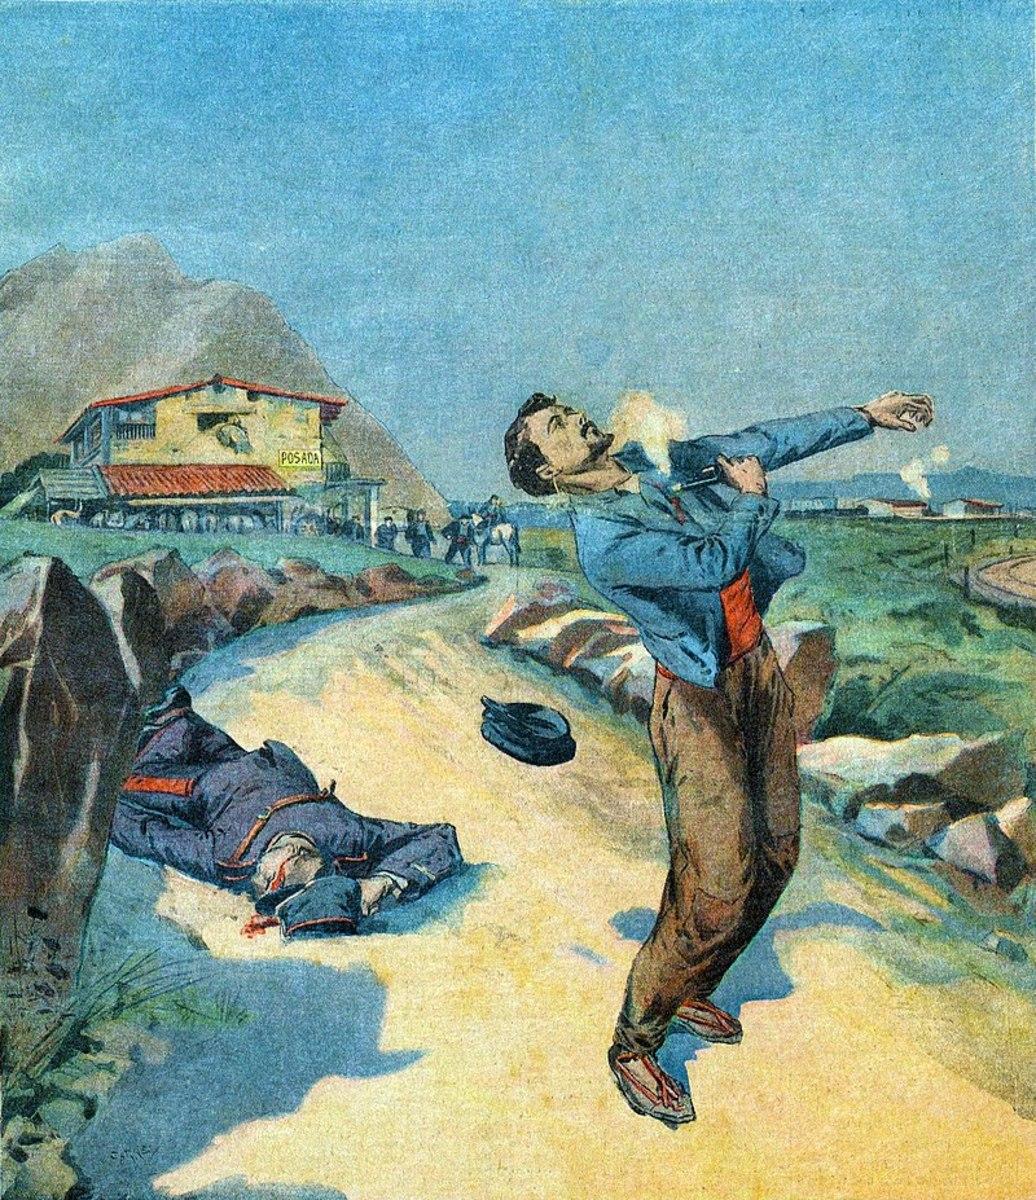 Le Petit Parisien's depiction of Mateu Morral Roca's suicide.